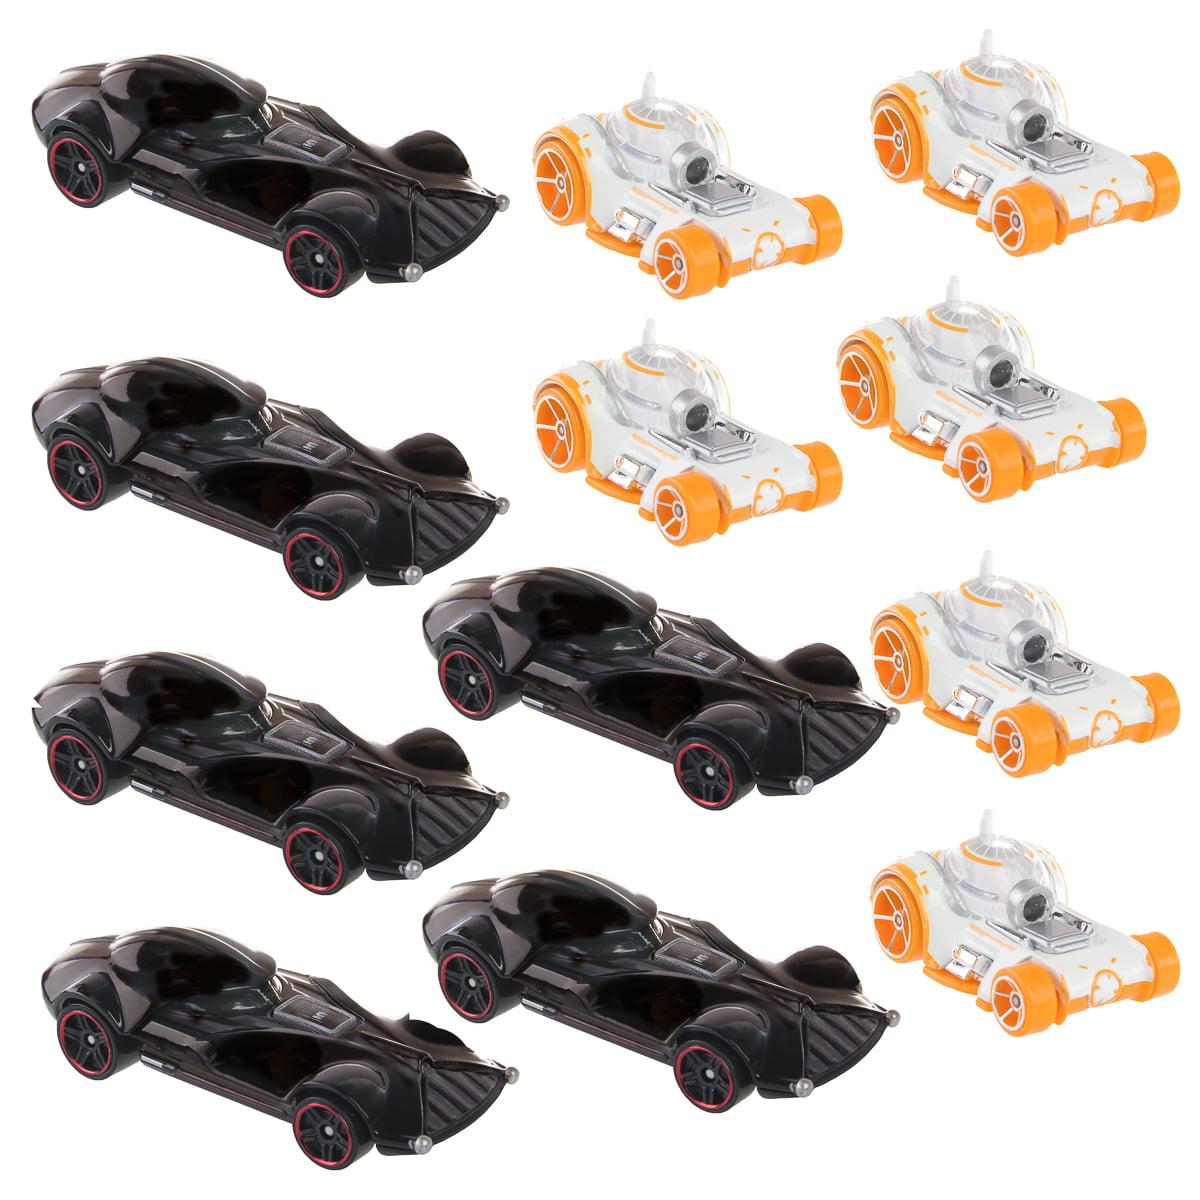 Hot Wheels (Set of 12) Disney Star Wars Carships Toy Set 6 Darth Vader & 6 BB-8 Character Cars Bulk